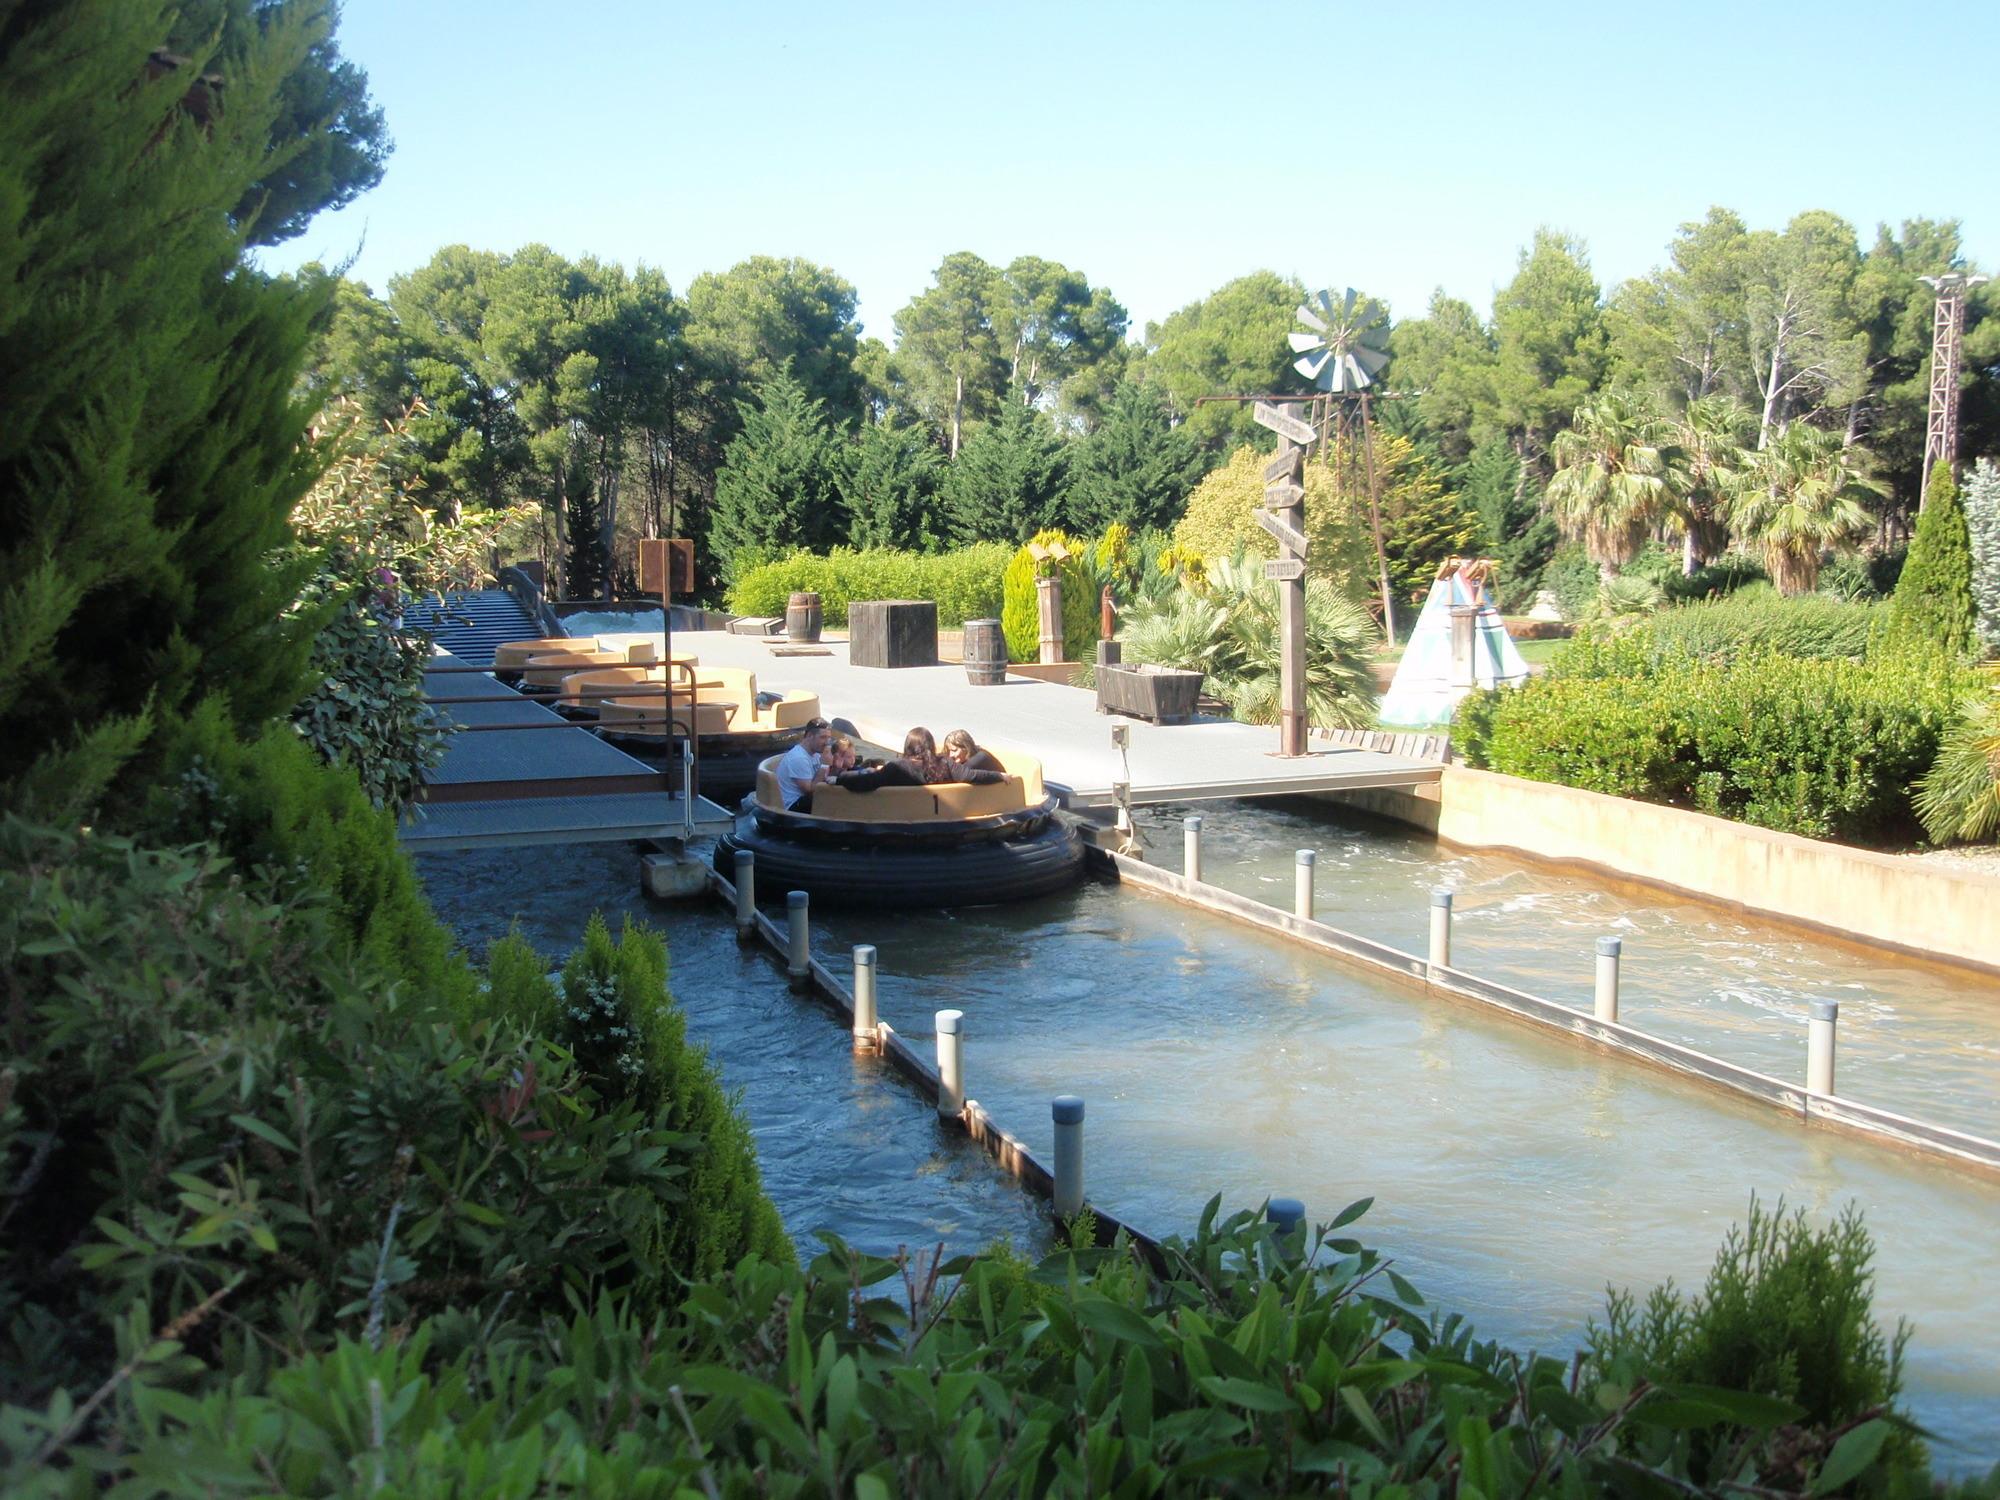 Rio navajo en parque de atracciones de zaragoza opiniones e info pacommunity - Parque atracciones zaragoza ...